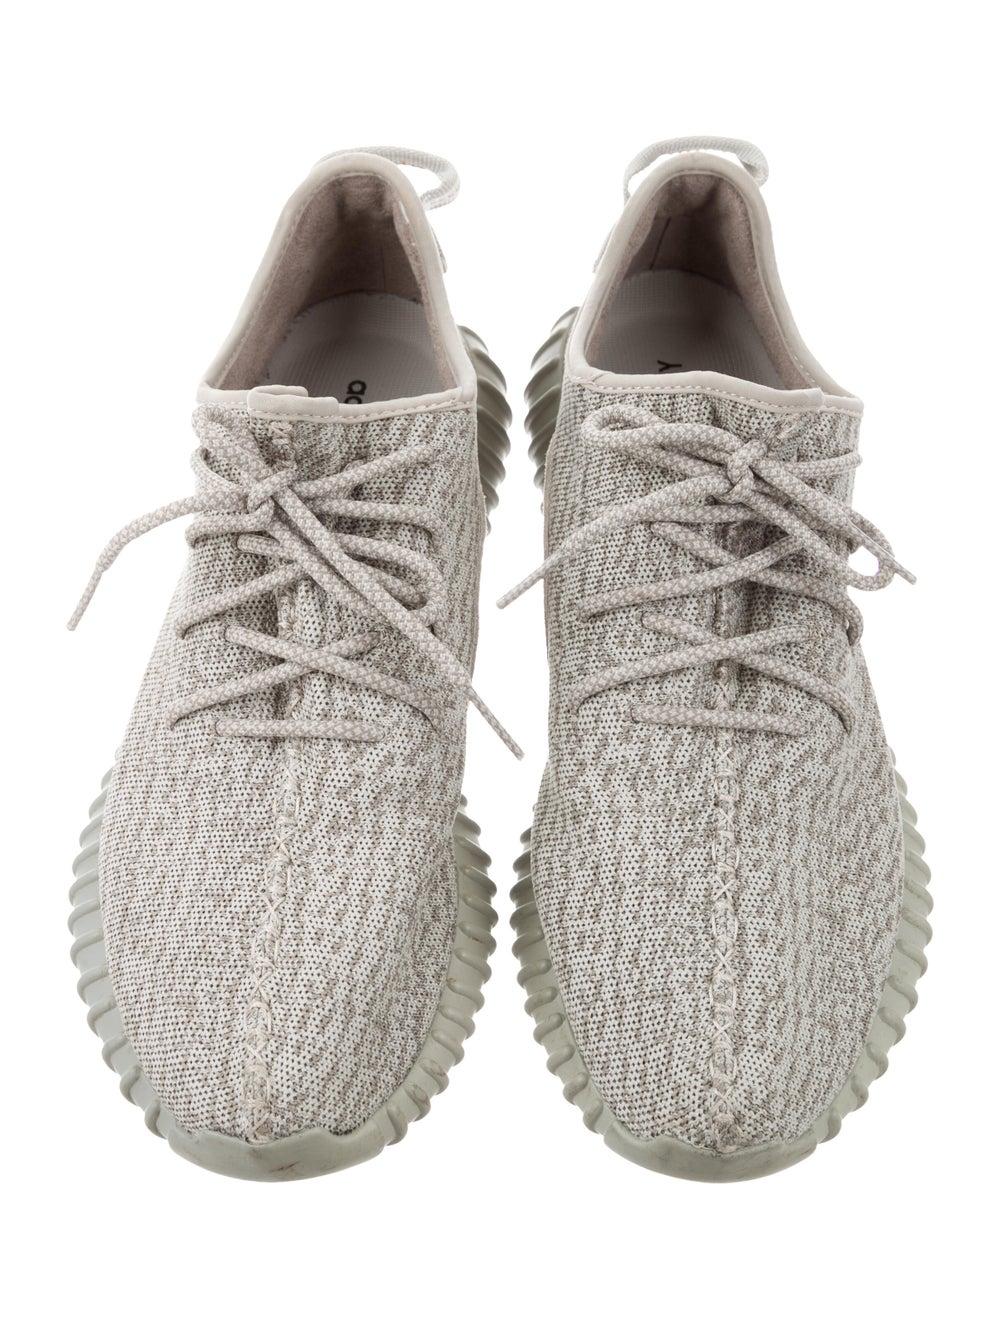 Yeezy x adidas Yeezy Boost 350 Moonrock Sneakers - image 3